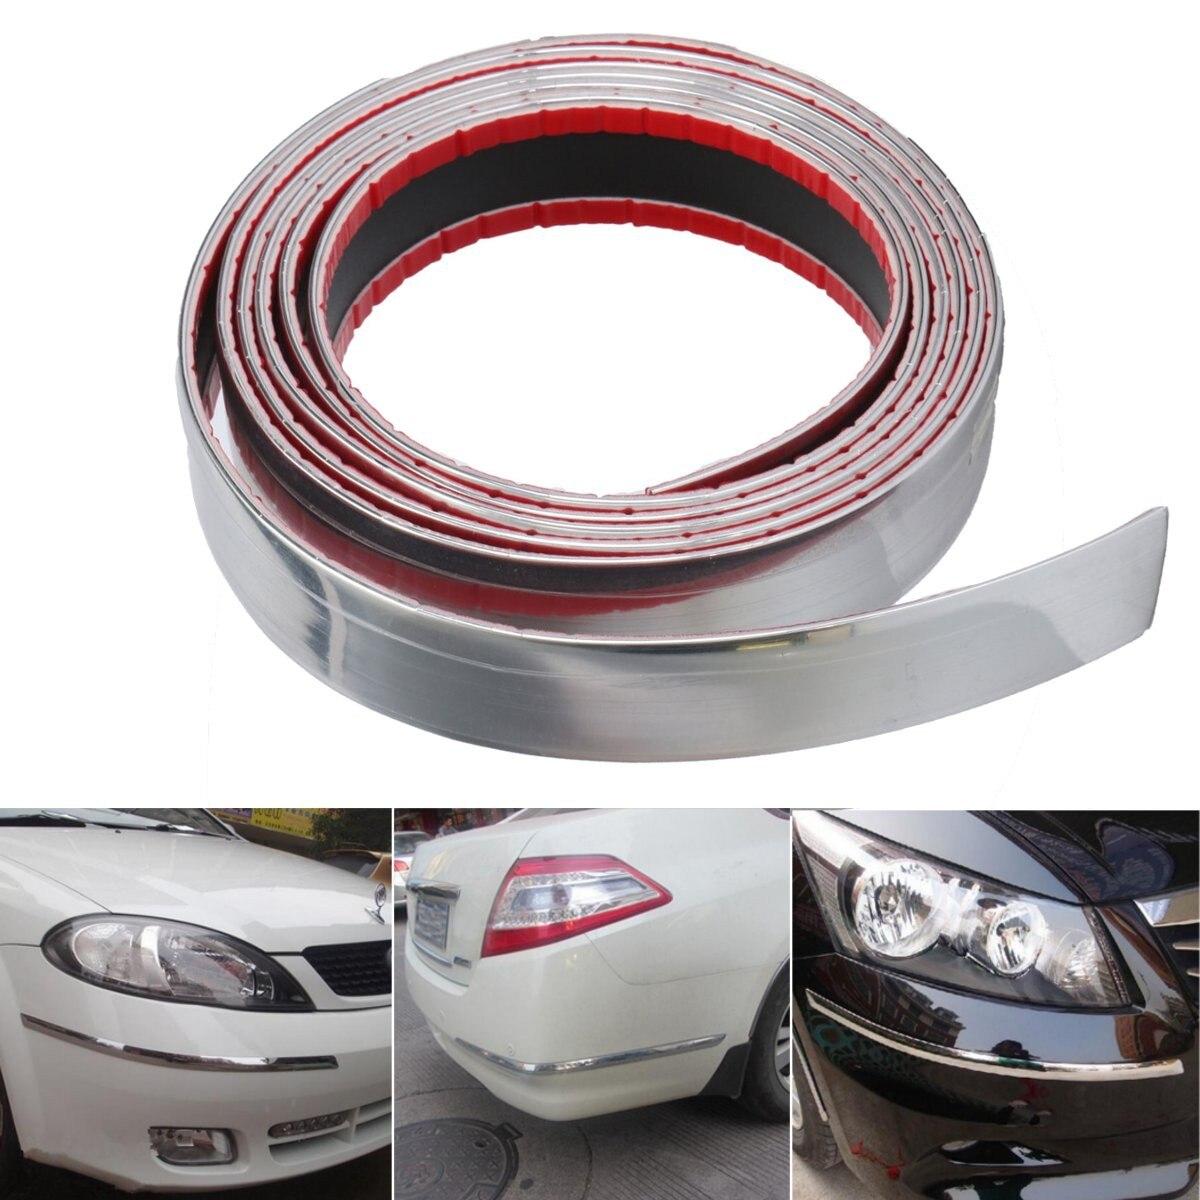 30mm 2.5m exterior chrome carro auto adesivo tira guarnição fita moldagem estilo decoração do carro pára-choques tira protetor adesivo